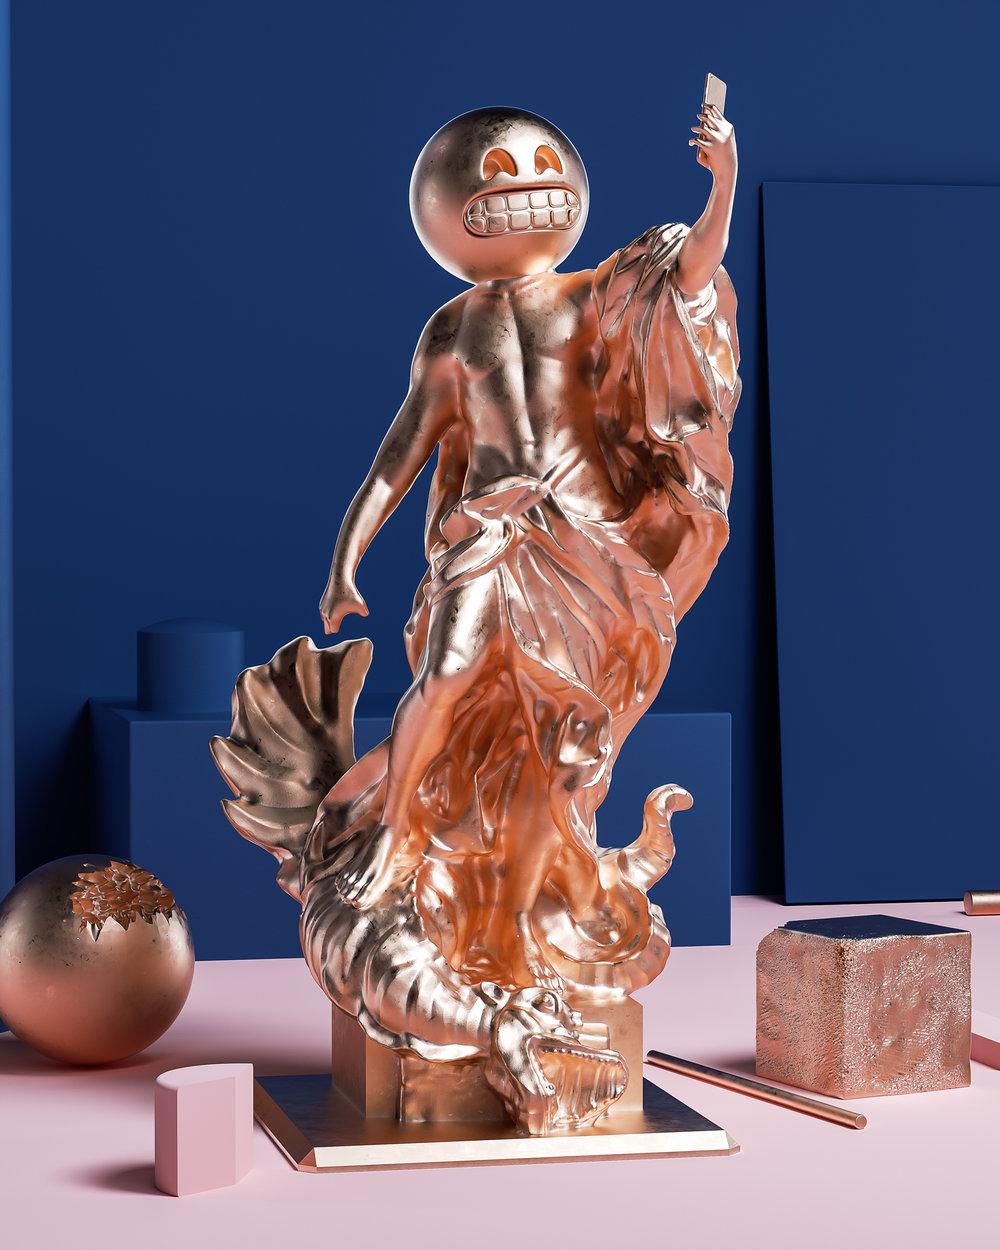 Sculptmojis_Ben-Fearnley_Scene_03_Crop.jpg